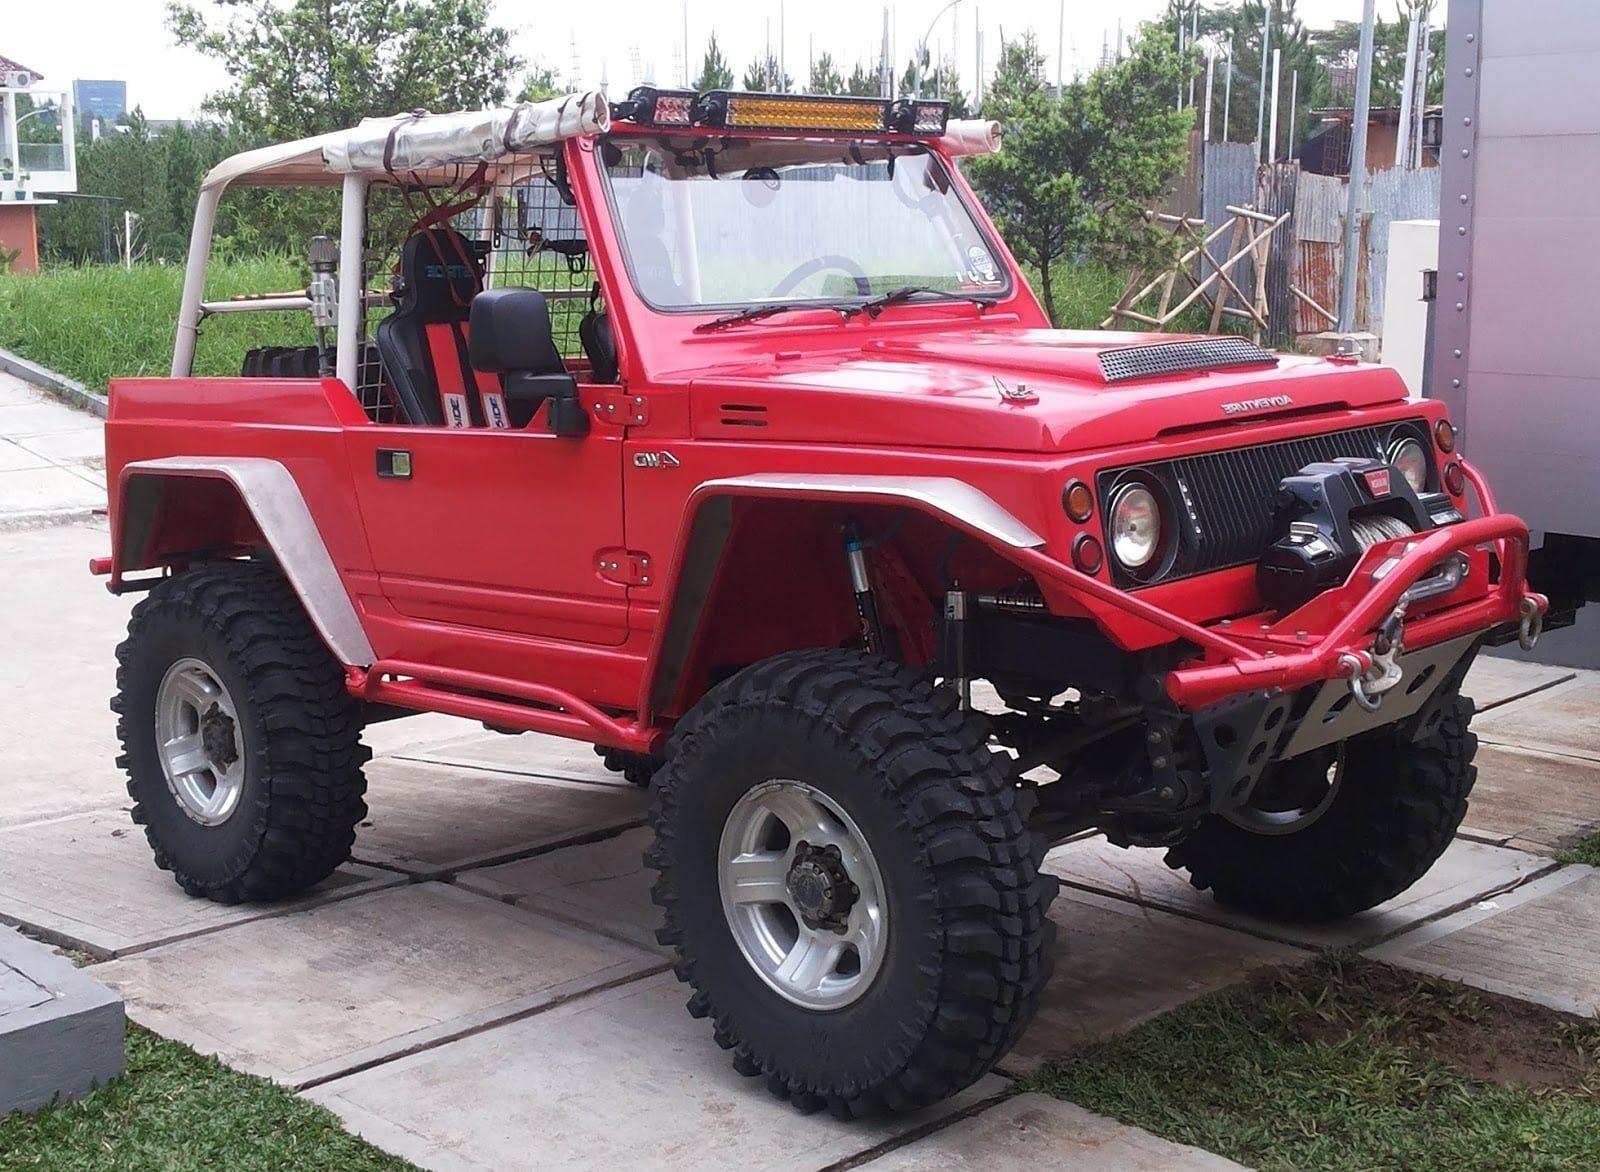 Modifikasi Mobil Kijang Jadi Jeep Modifikasi Mobil Kendaraan Jeep